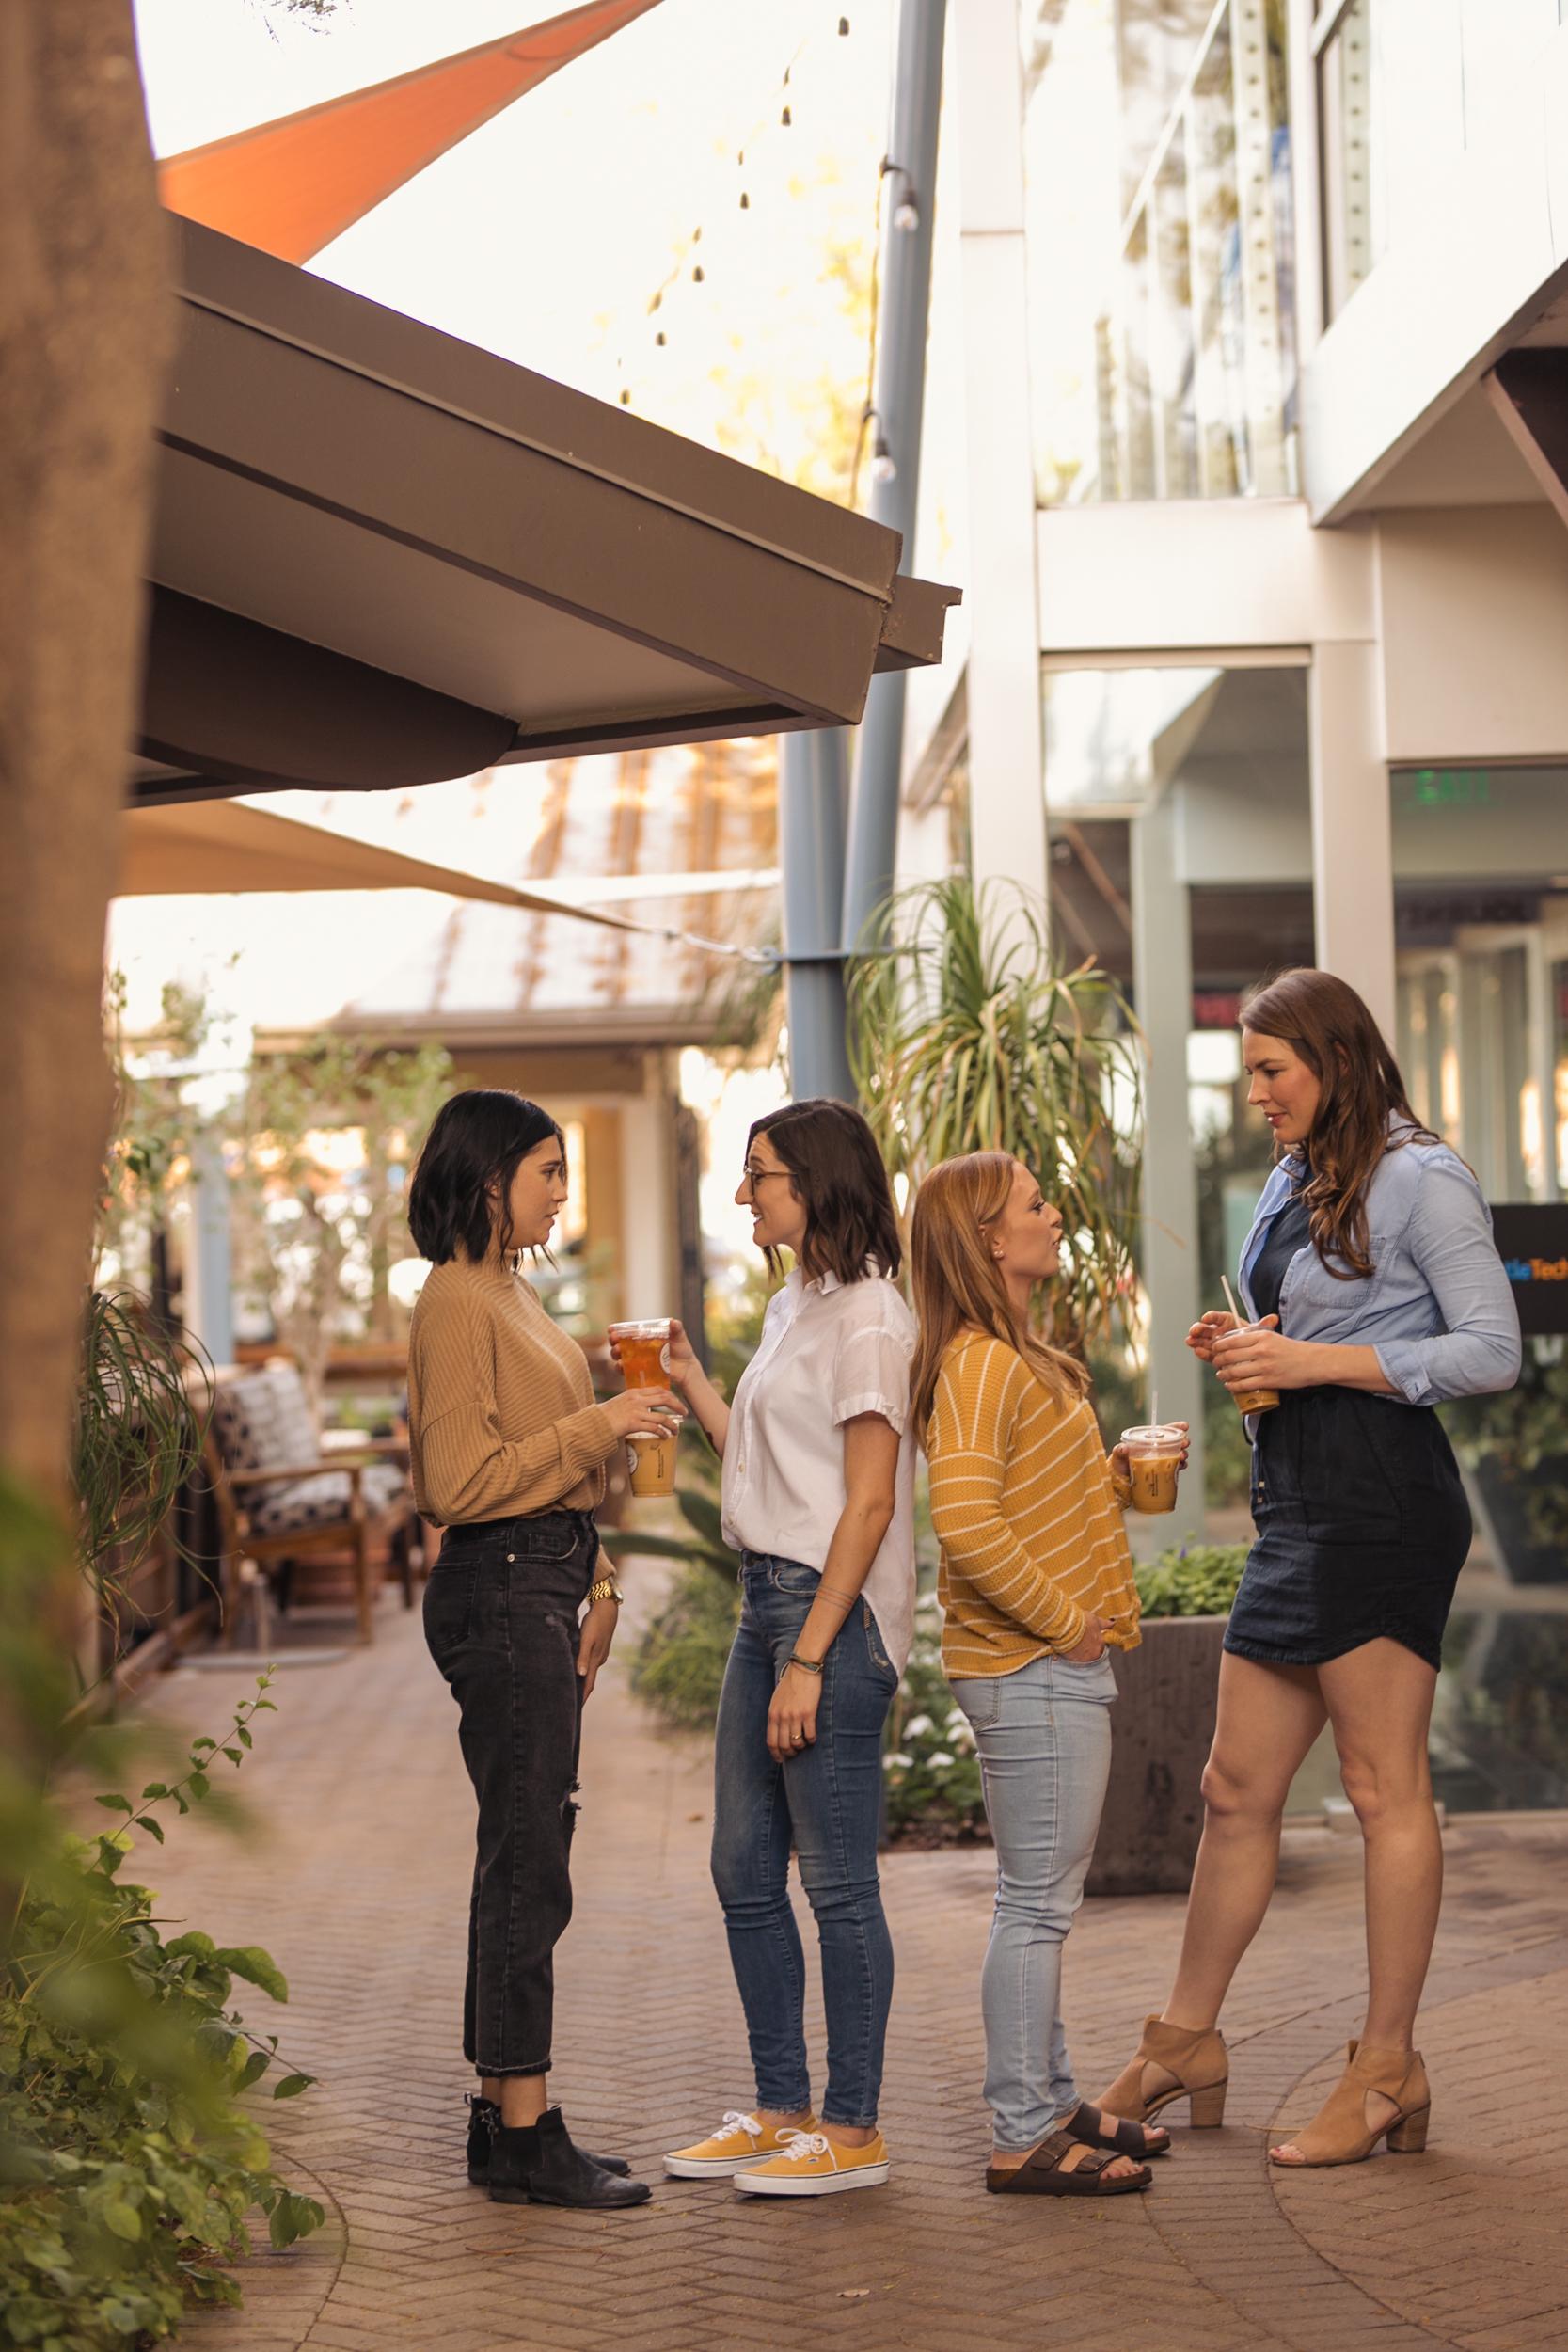 my top 5 tips for introverted entrepreneurs-www.rachelsmak.com3.jpg